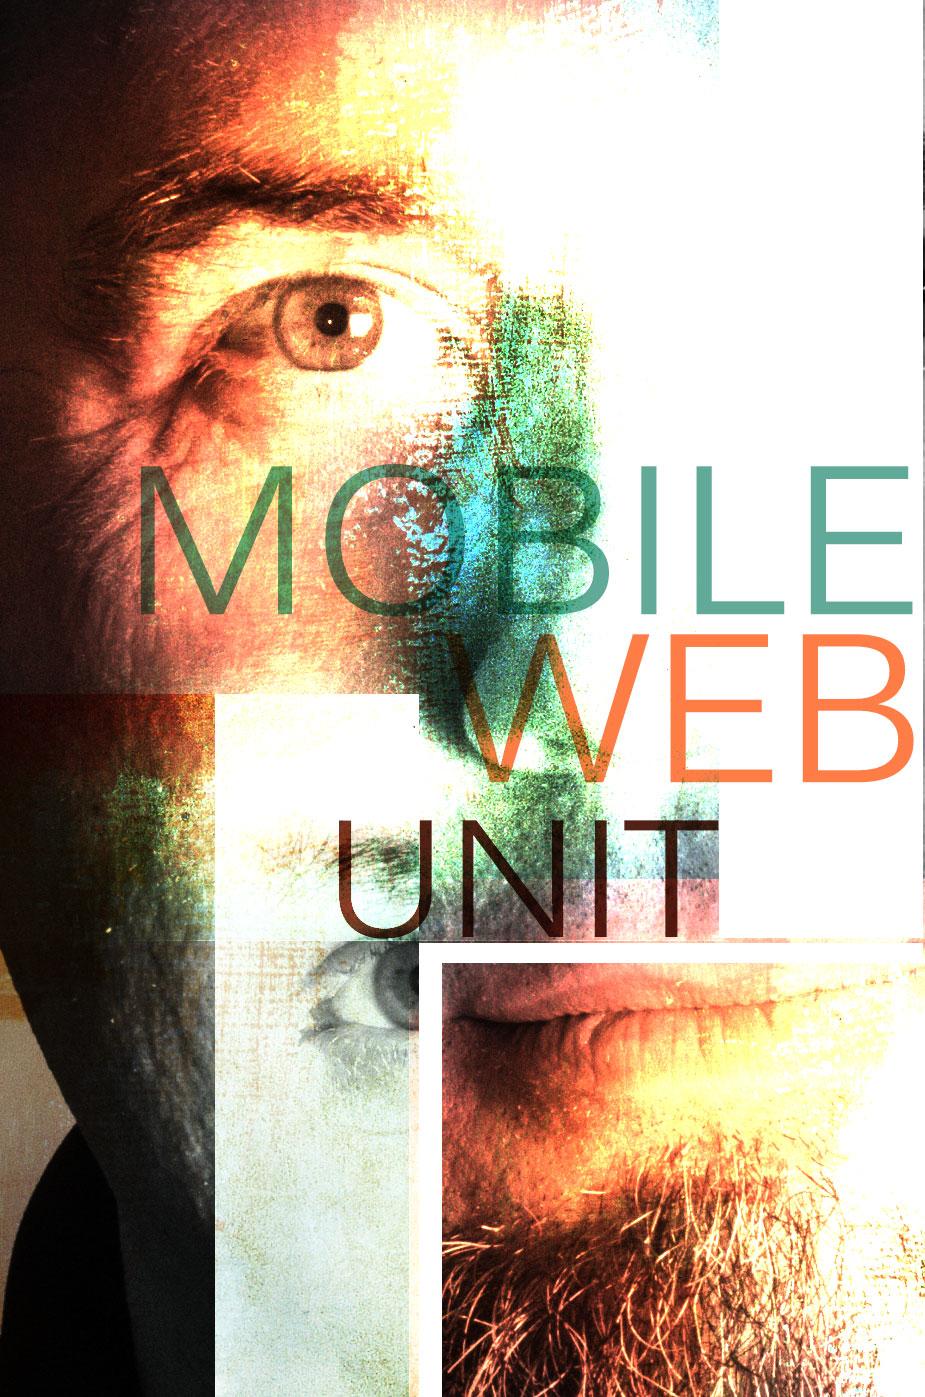 http://mobilewebunit.com/